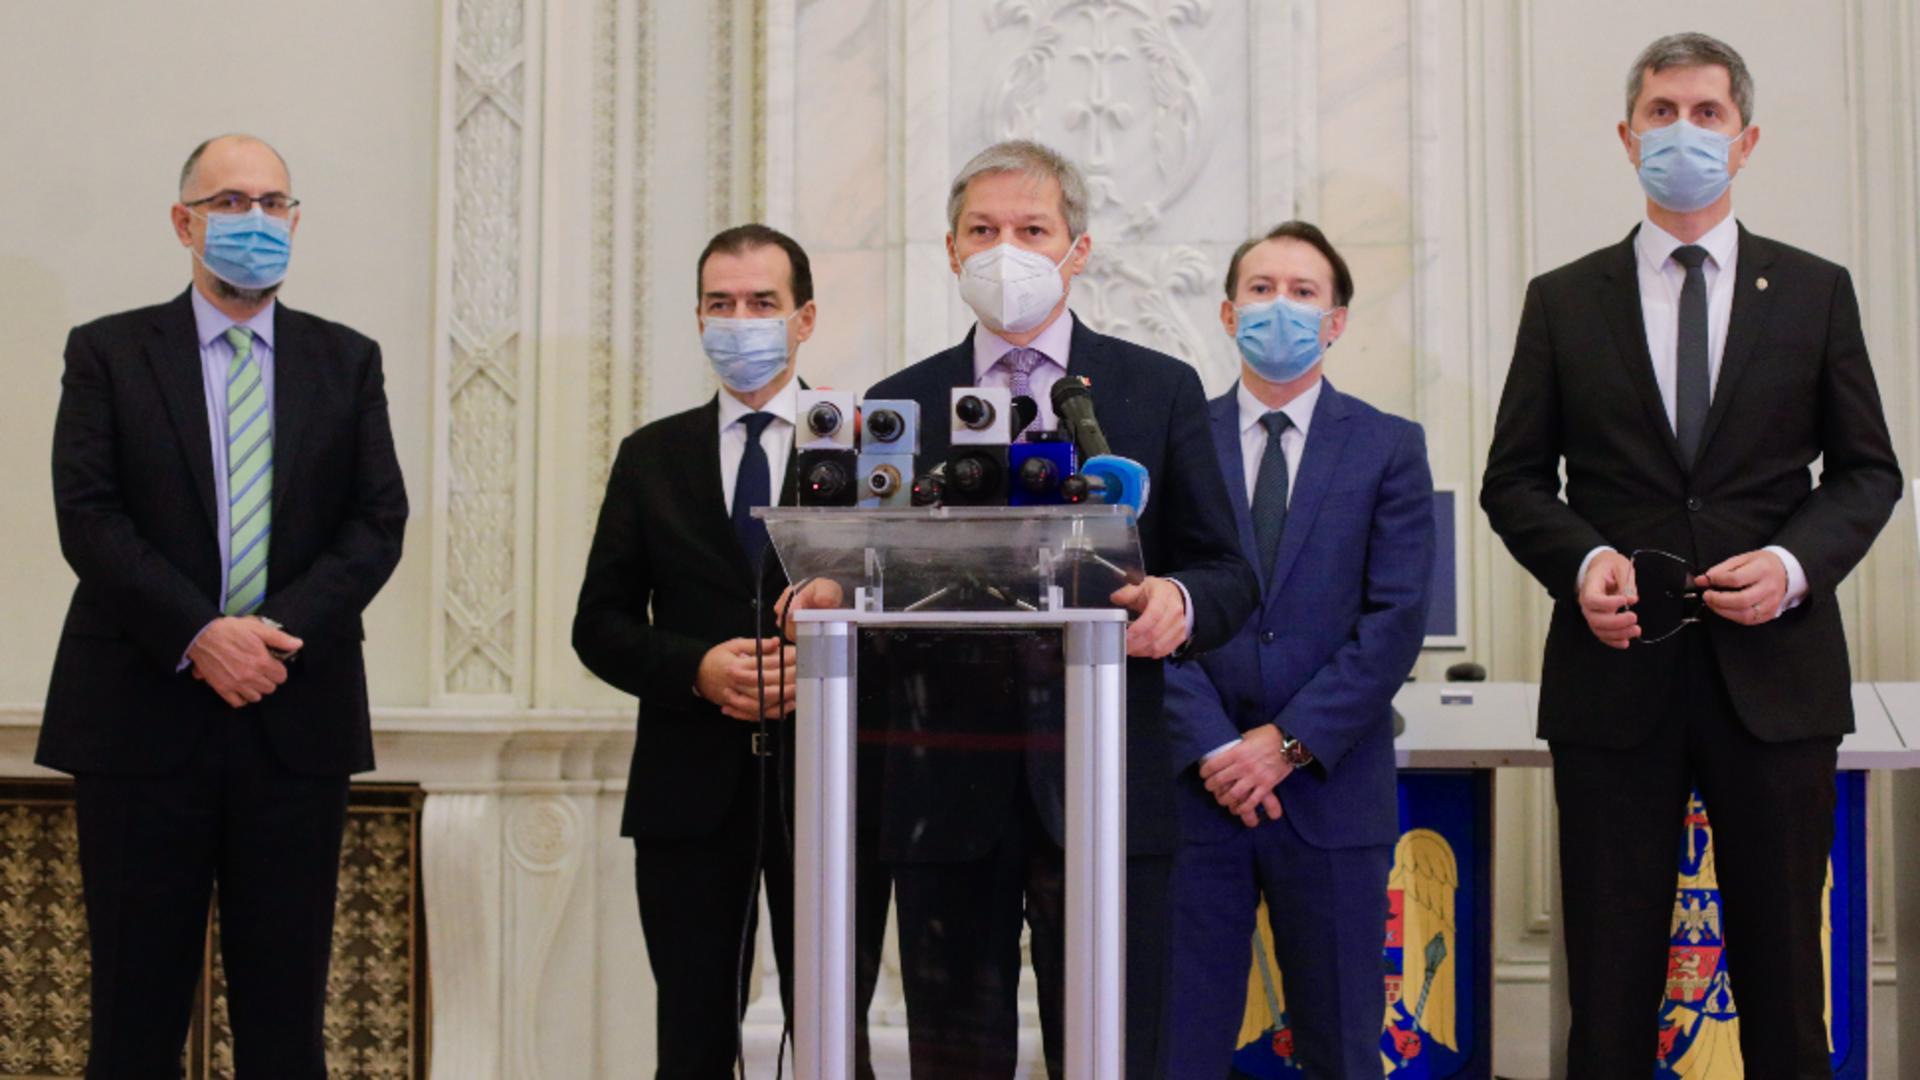 Dacian Cioloș ar vrea să iasă și din coaliție și din alianța cu USR. Foto/Inquam